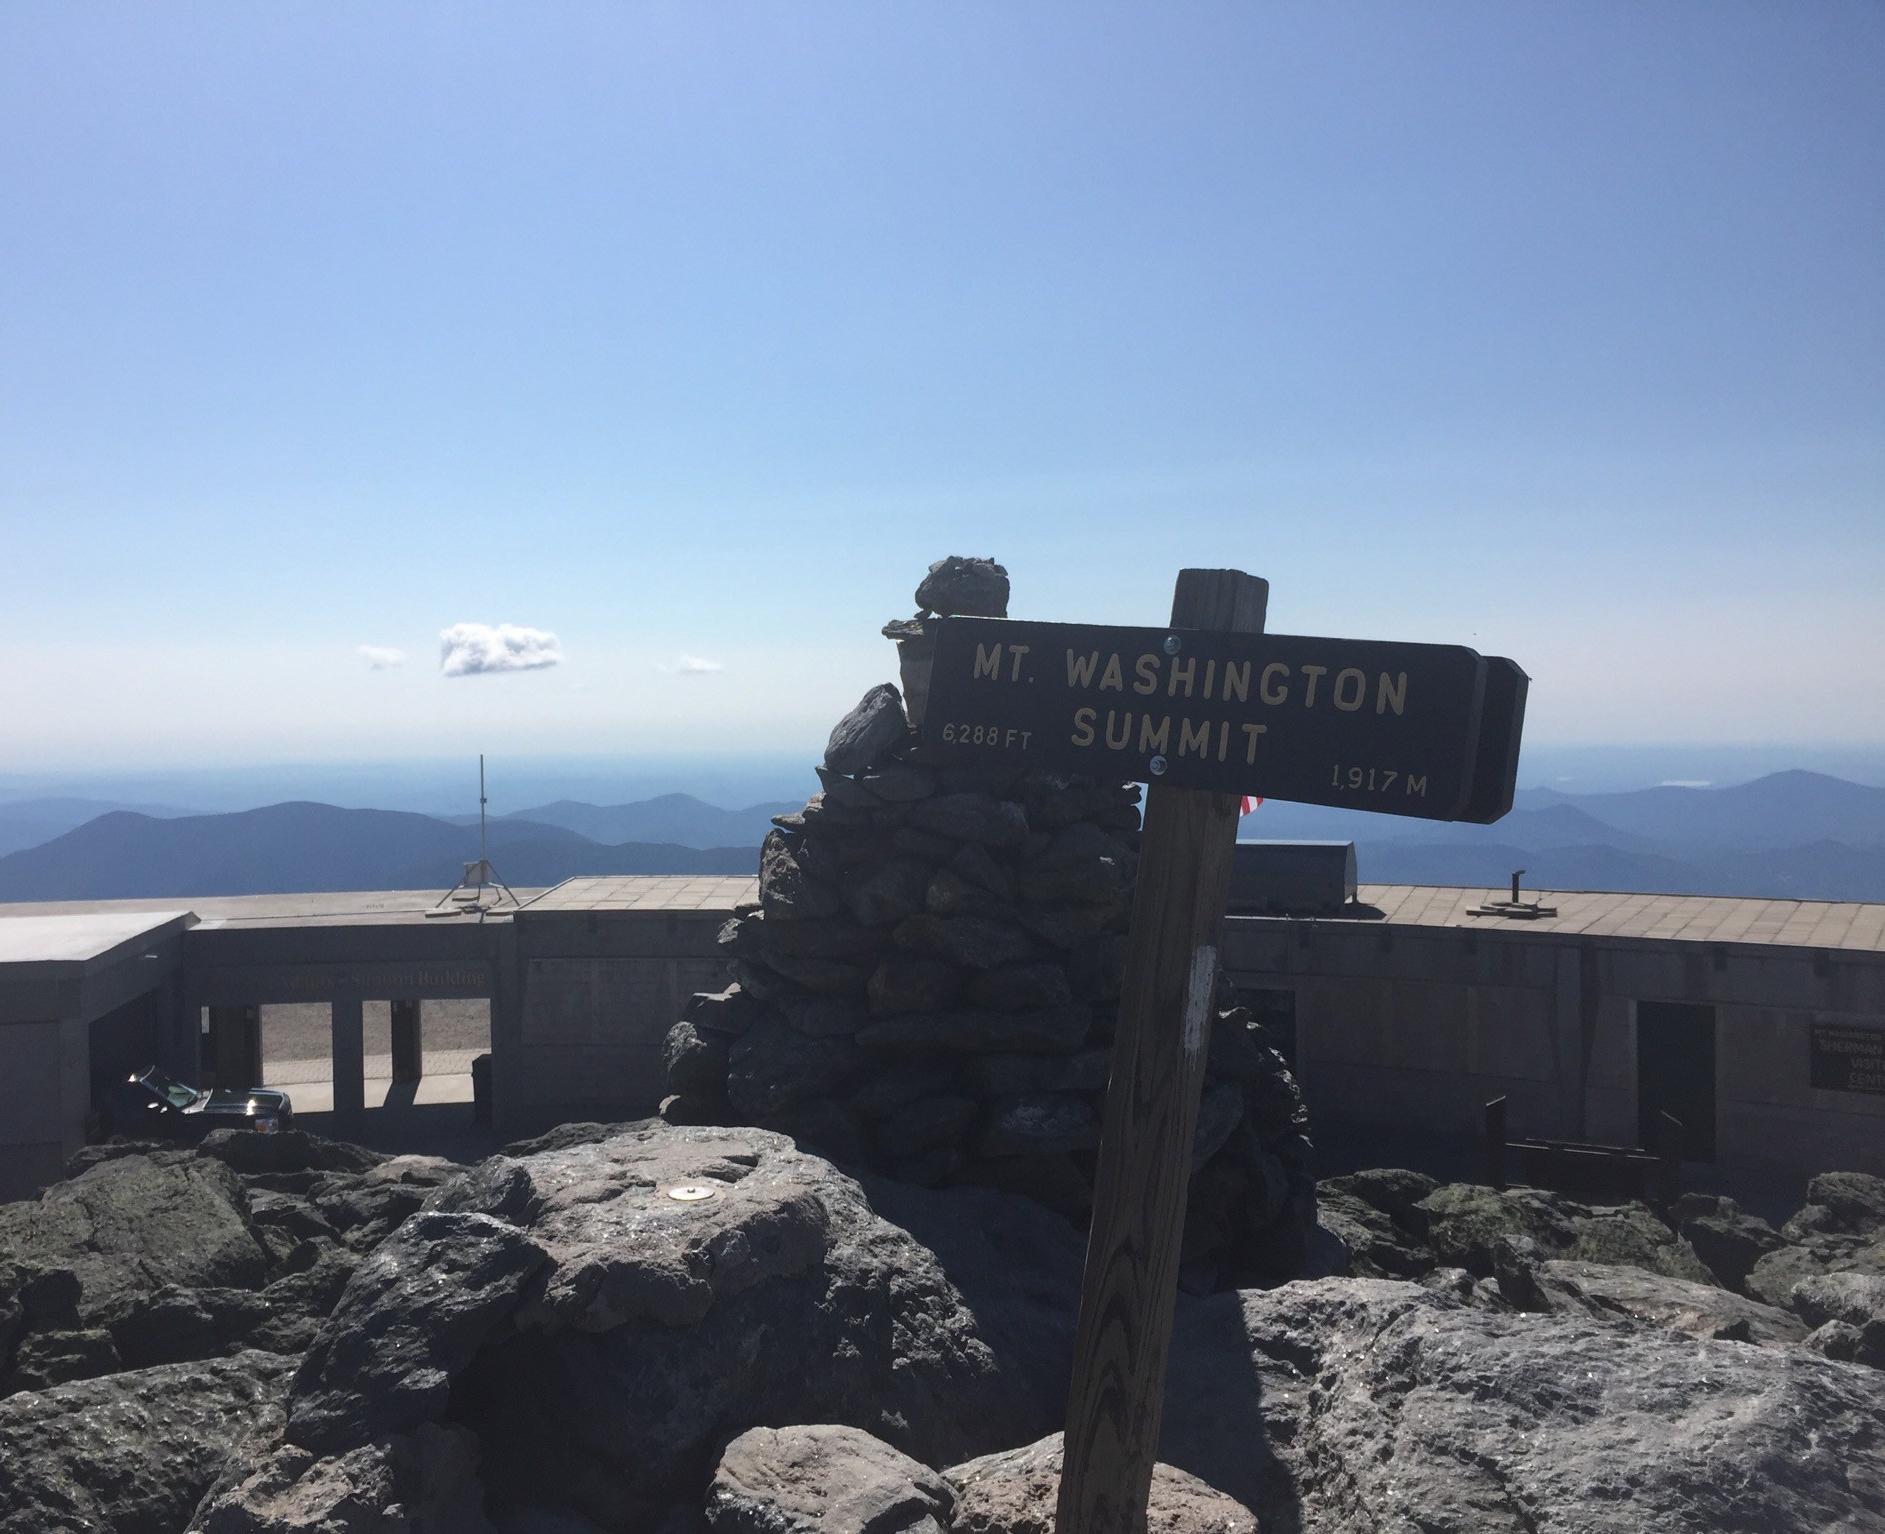 Mt. Washington Summit.